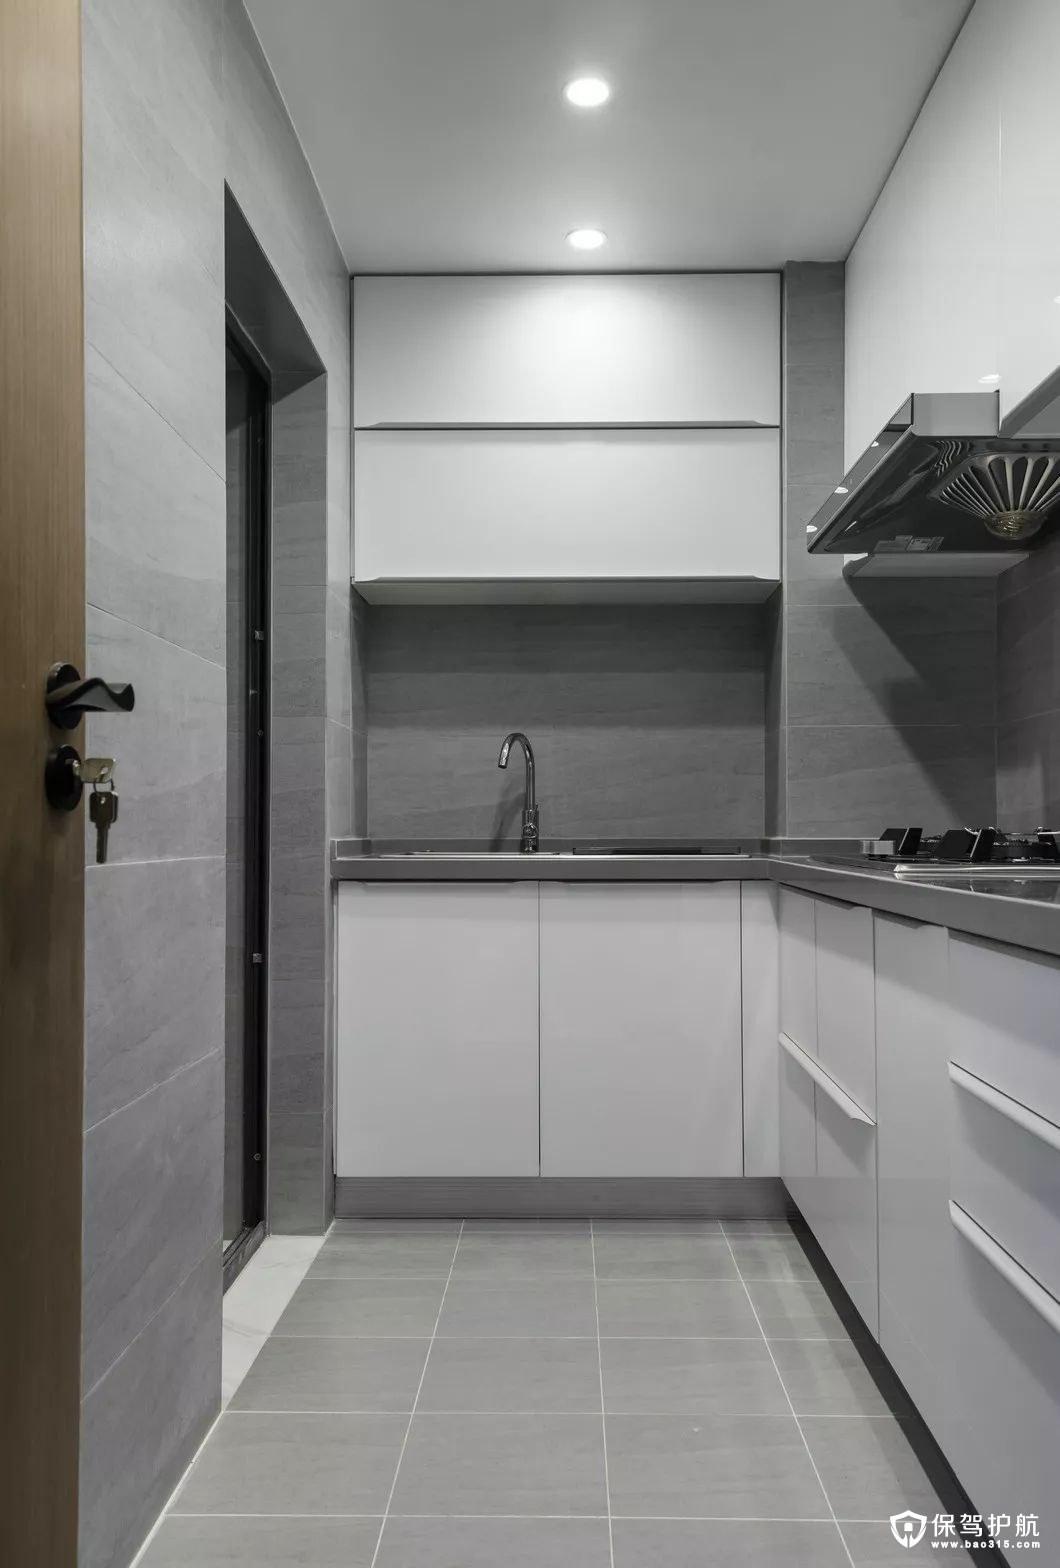 灰色调厨房白色一体式橱柜